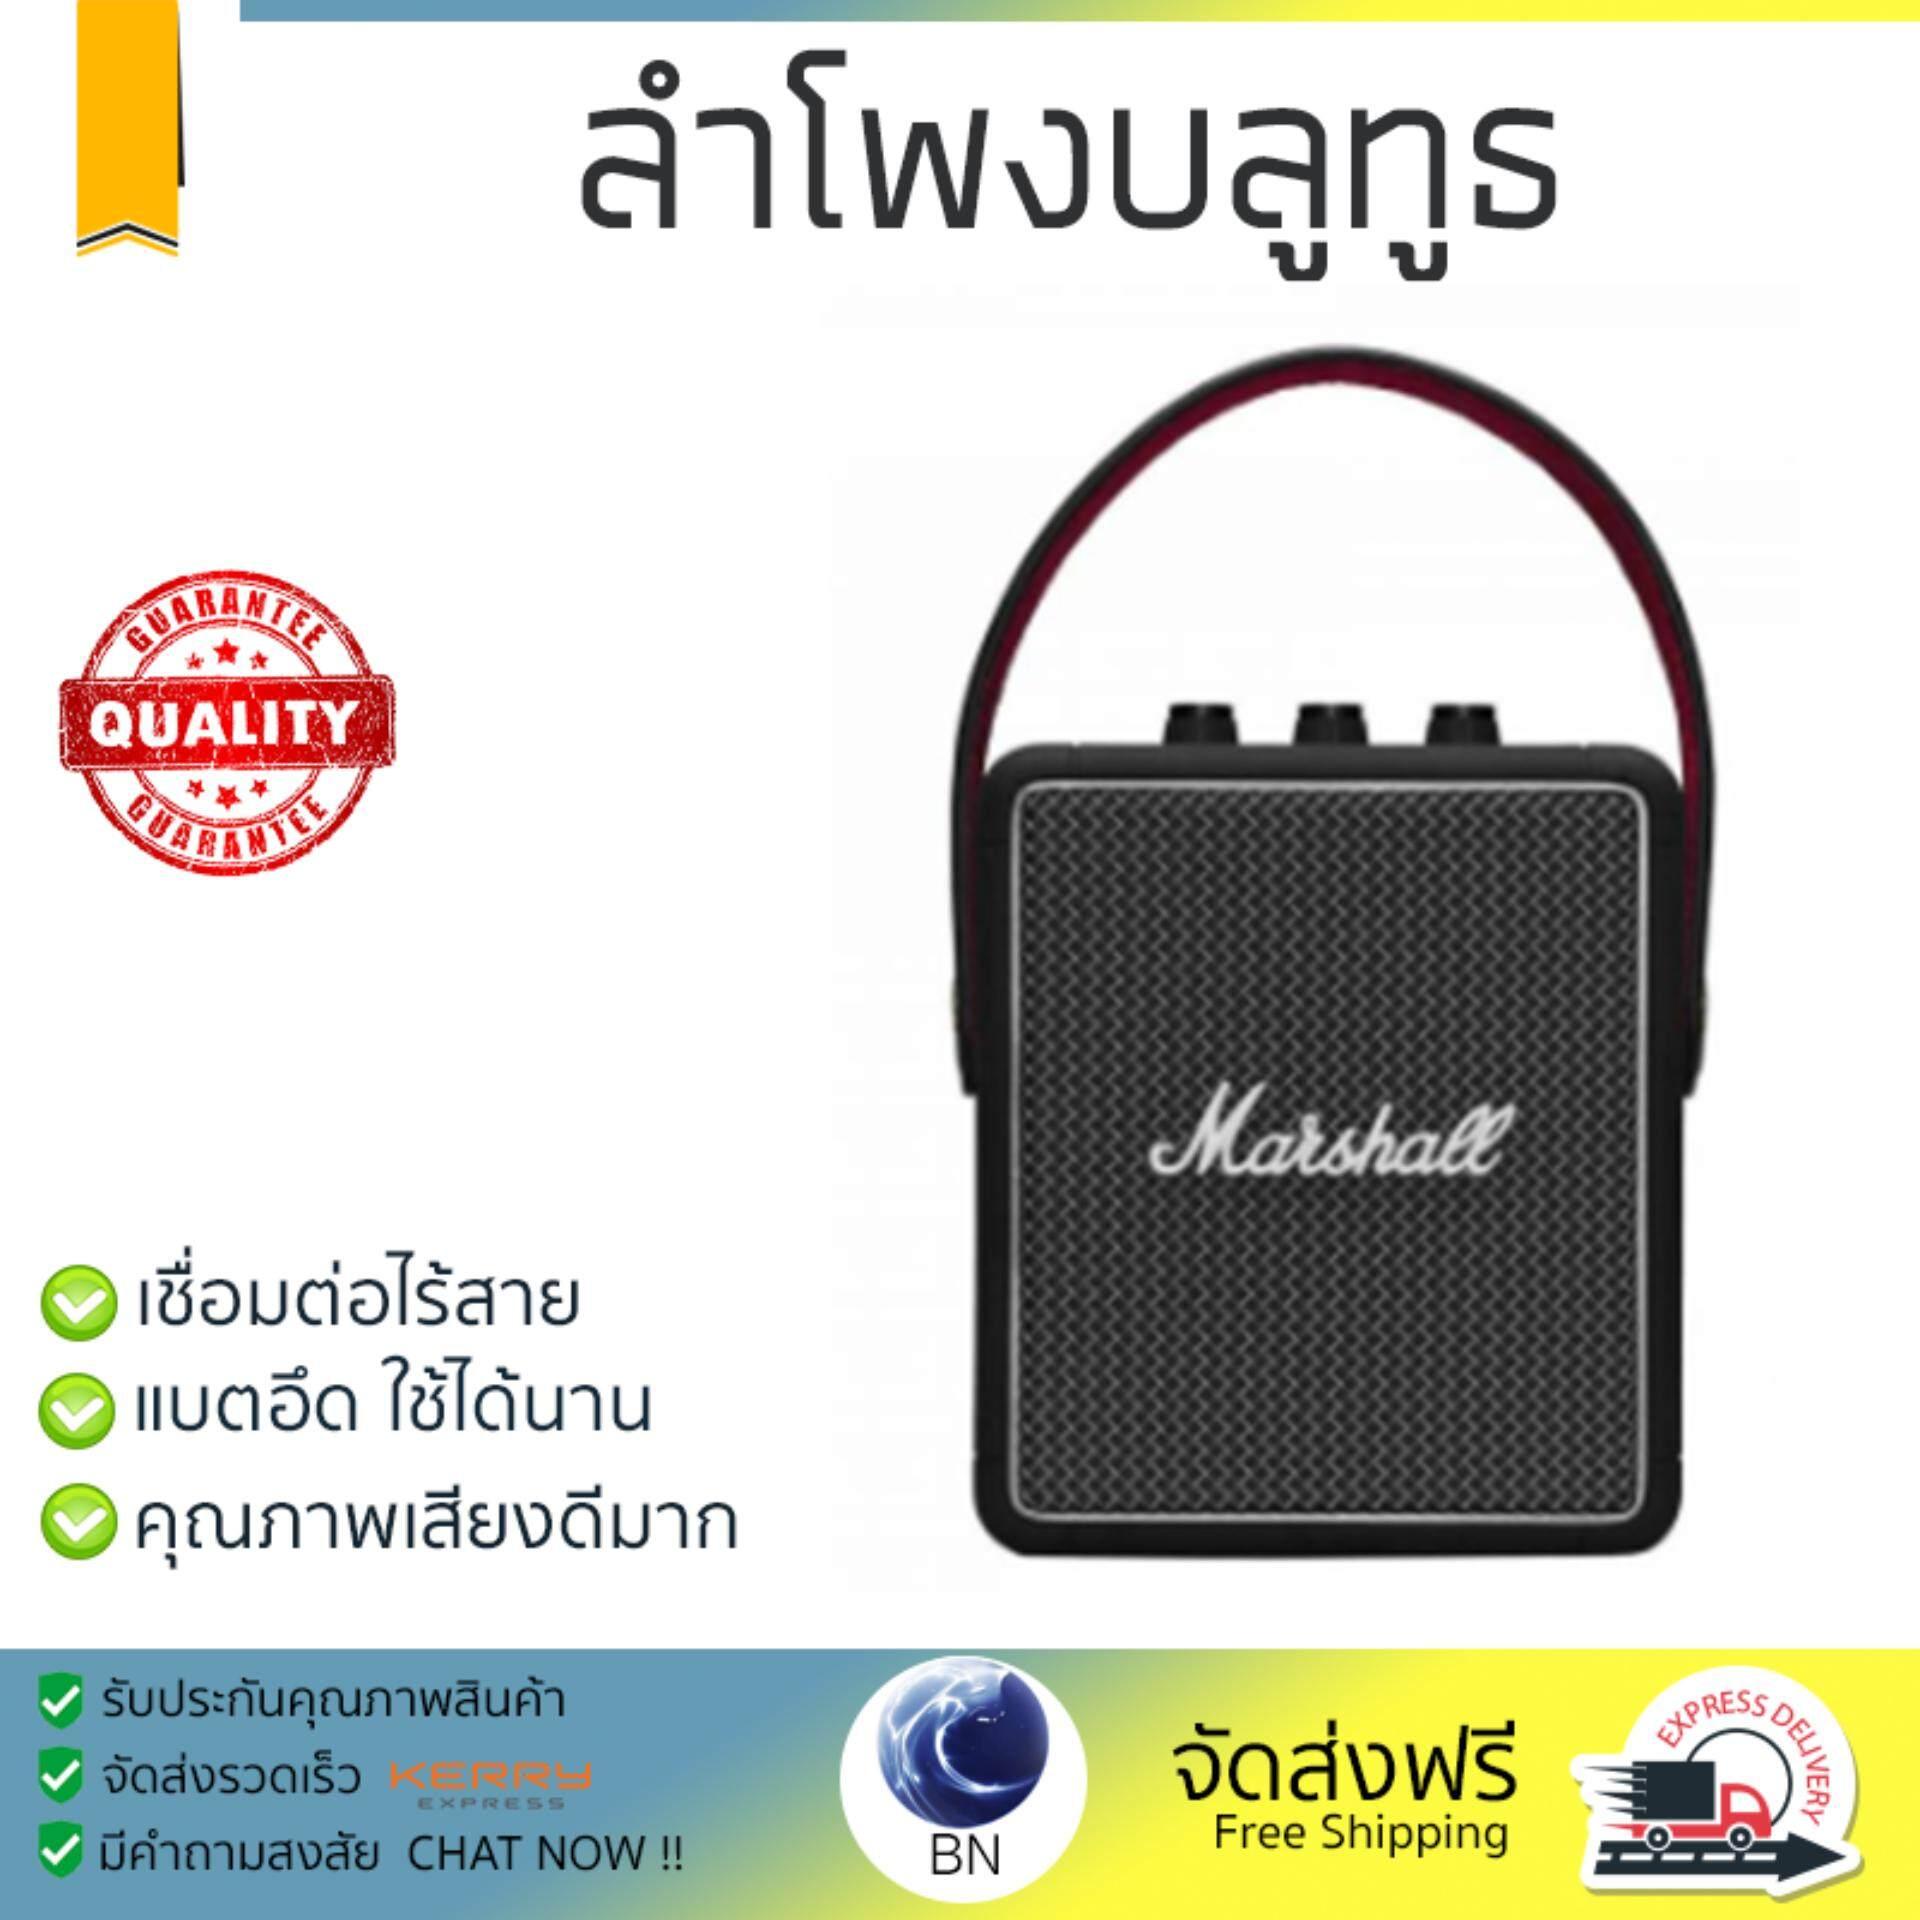 สอนใช้งาน  จัดส่งฟรี ลำโพงบลูทูธ  Marshall Bluetooth Speaker 2.1 STOCKWELL II Black เสียงใส คุณภาพเกินตัว Wireless Bluetooth Speaker รับประกัน 1 ปี